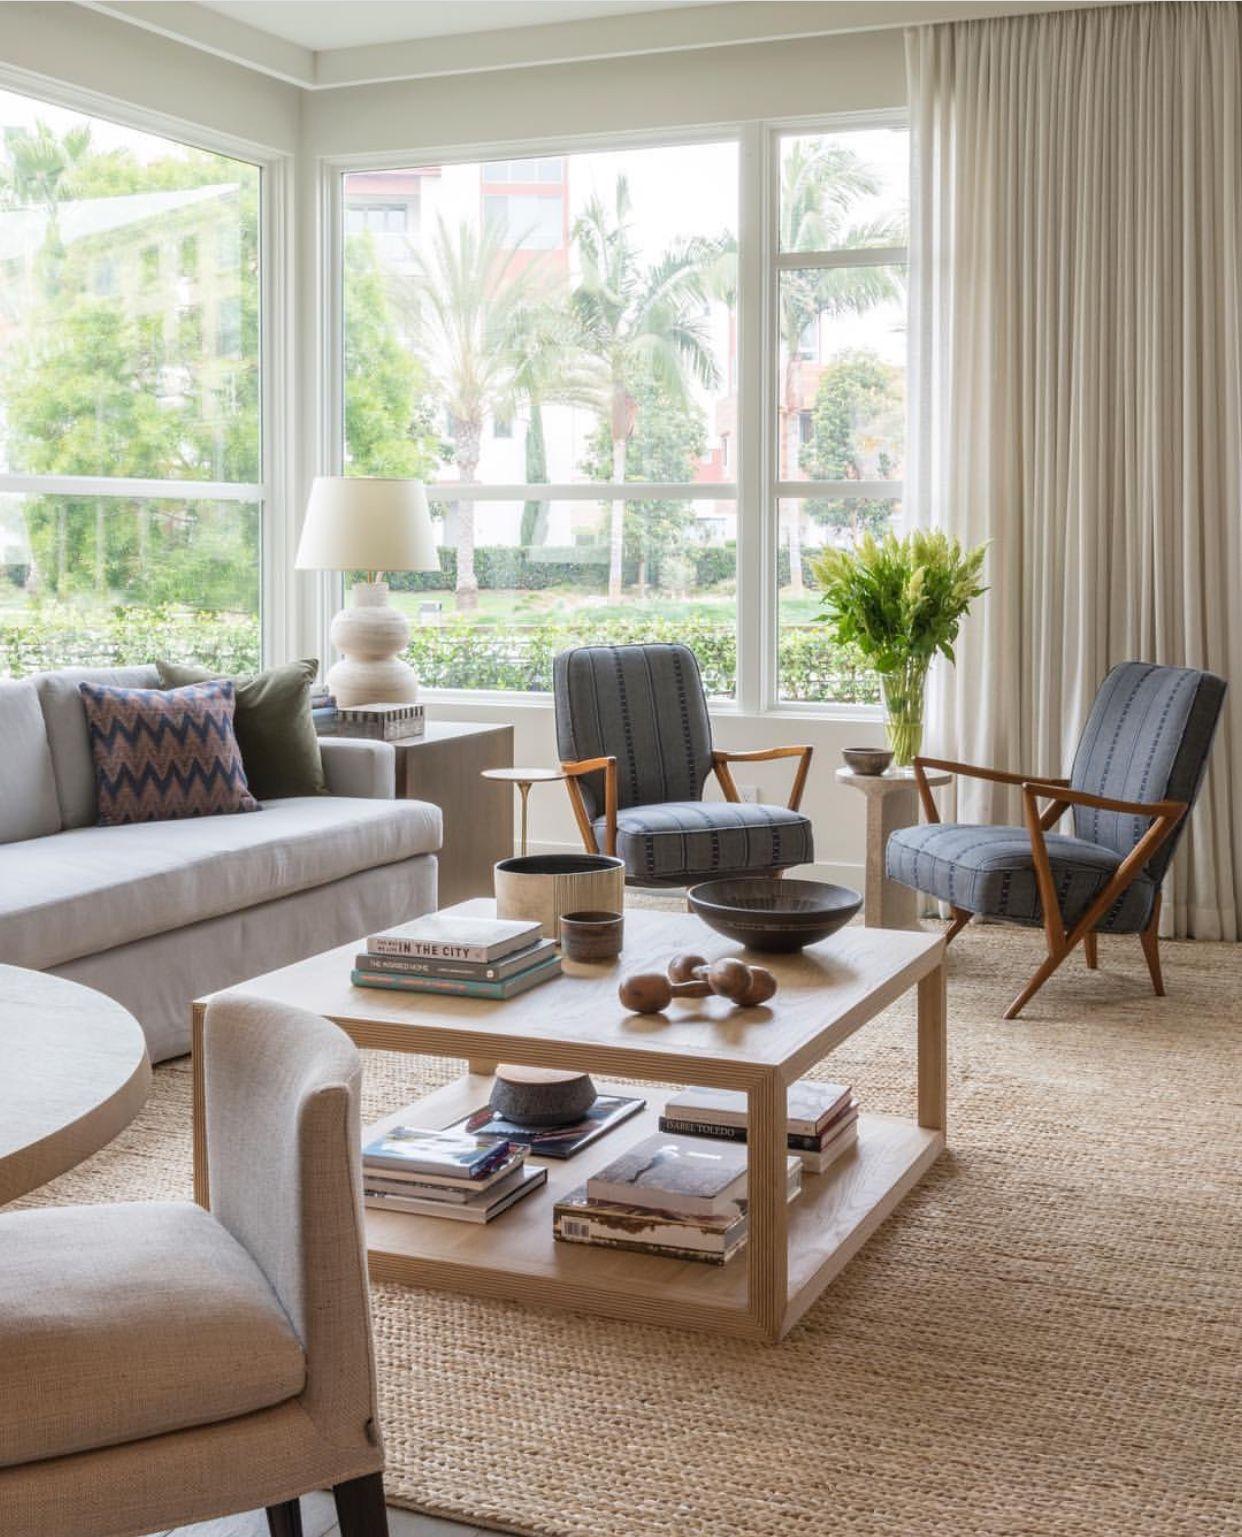 Innenarchitektur für wohnzimmer für kleines haus pin von anna handtmann auf interior design  pinterest